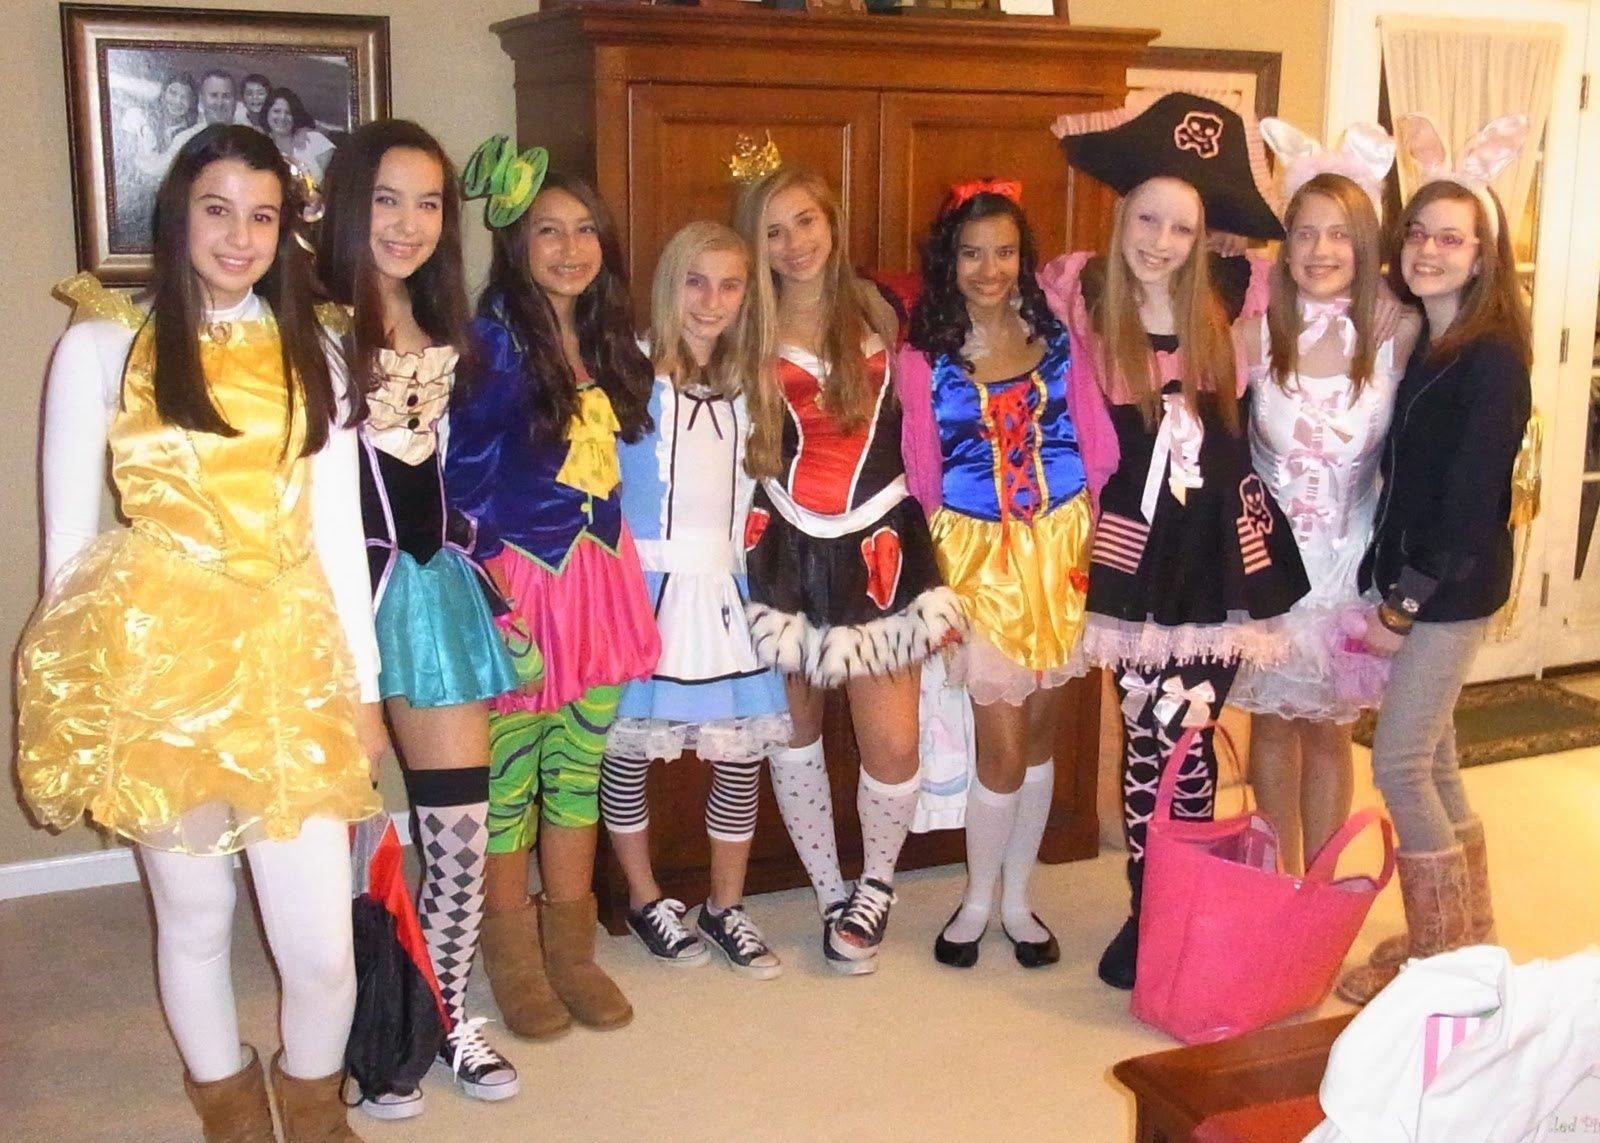 sexy halloween costume ideas: halloween costume ideas groups